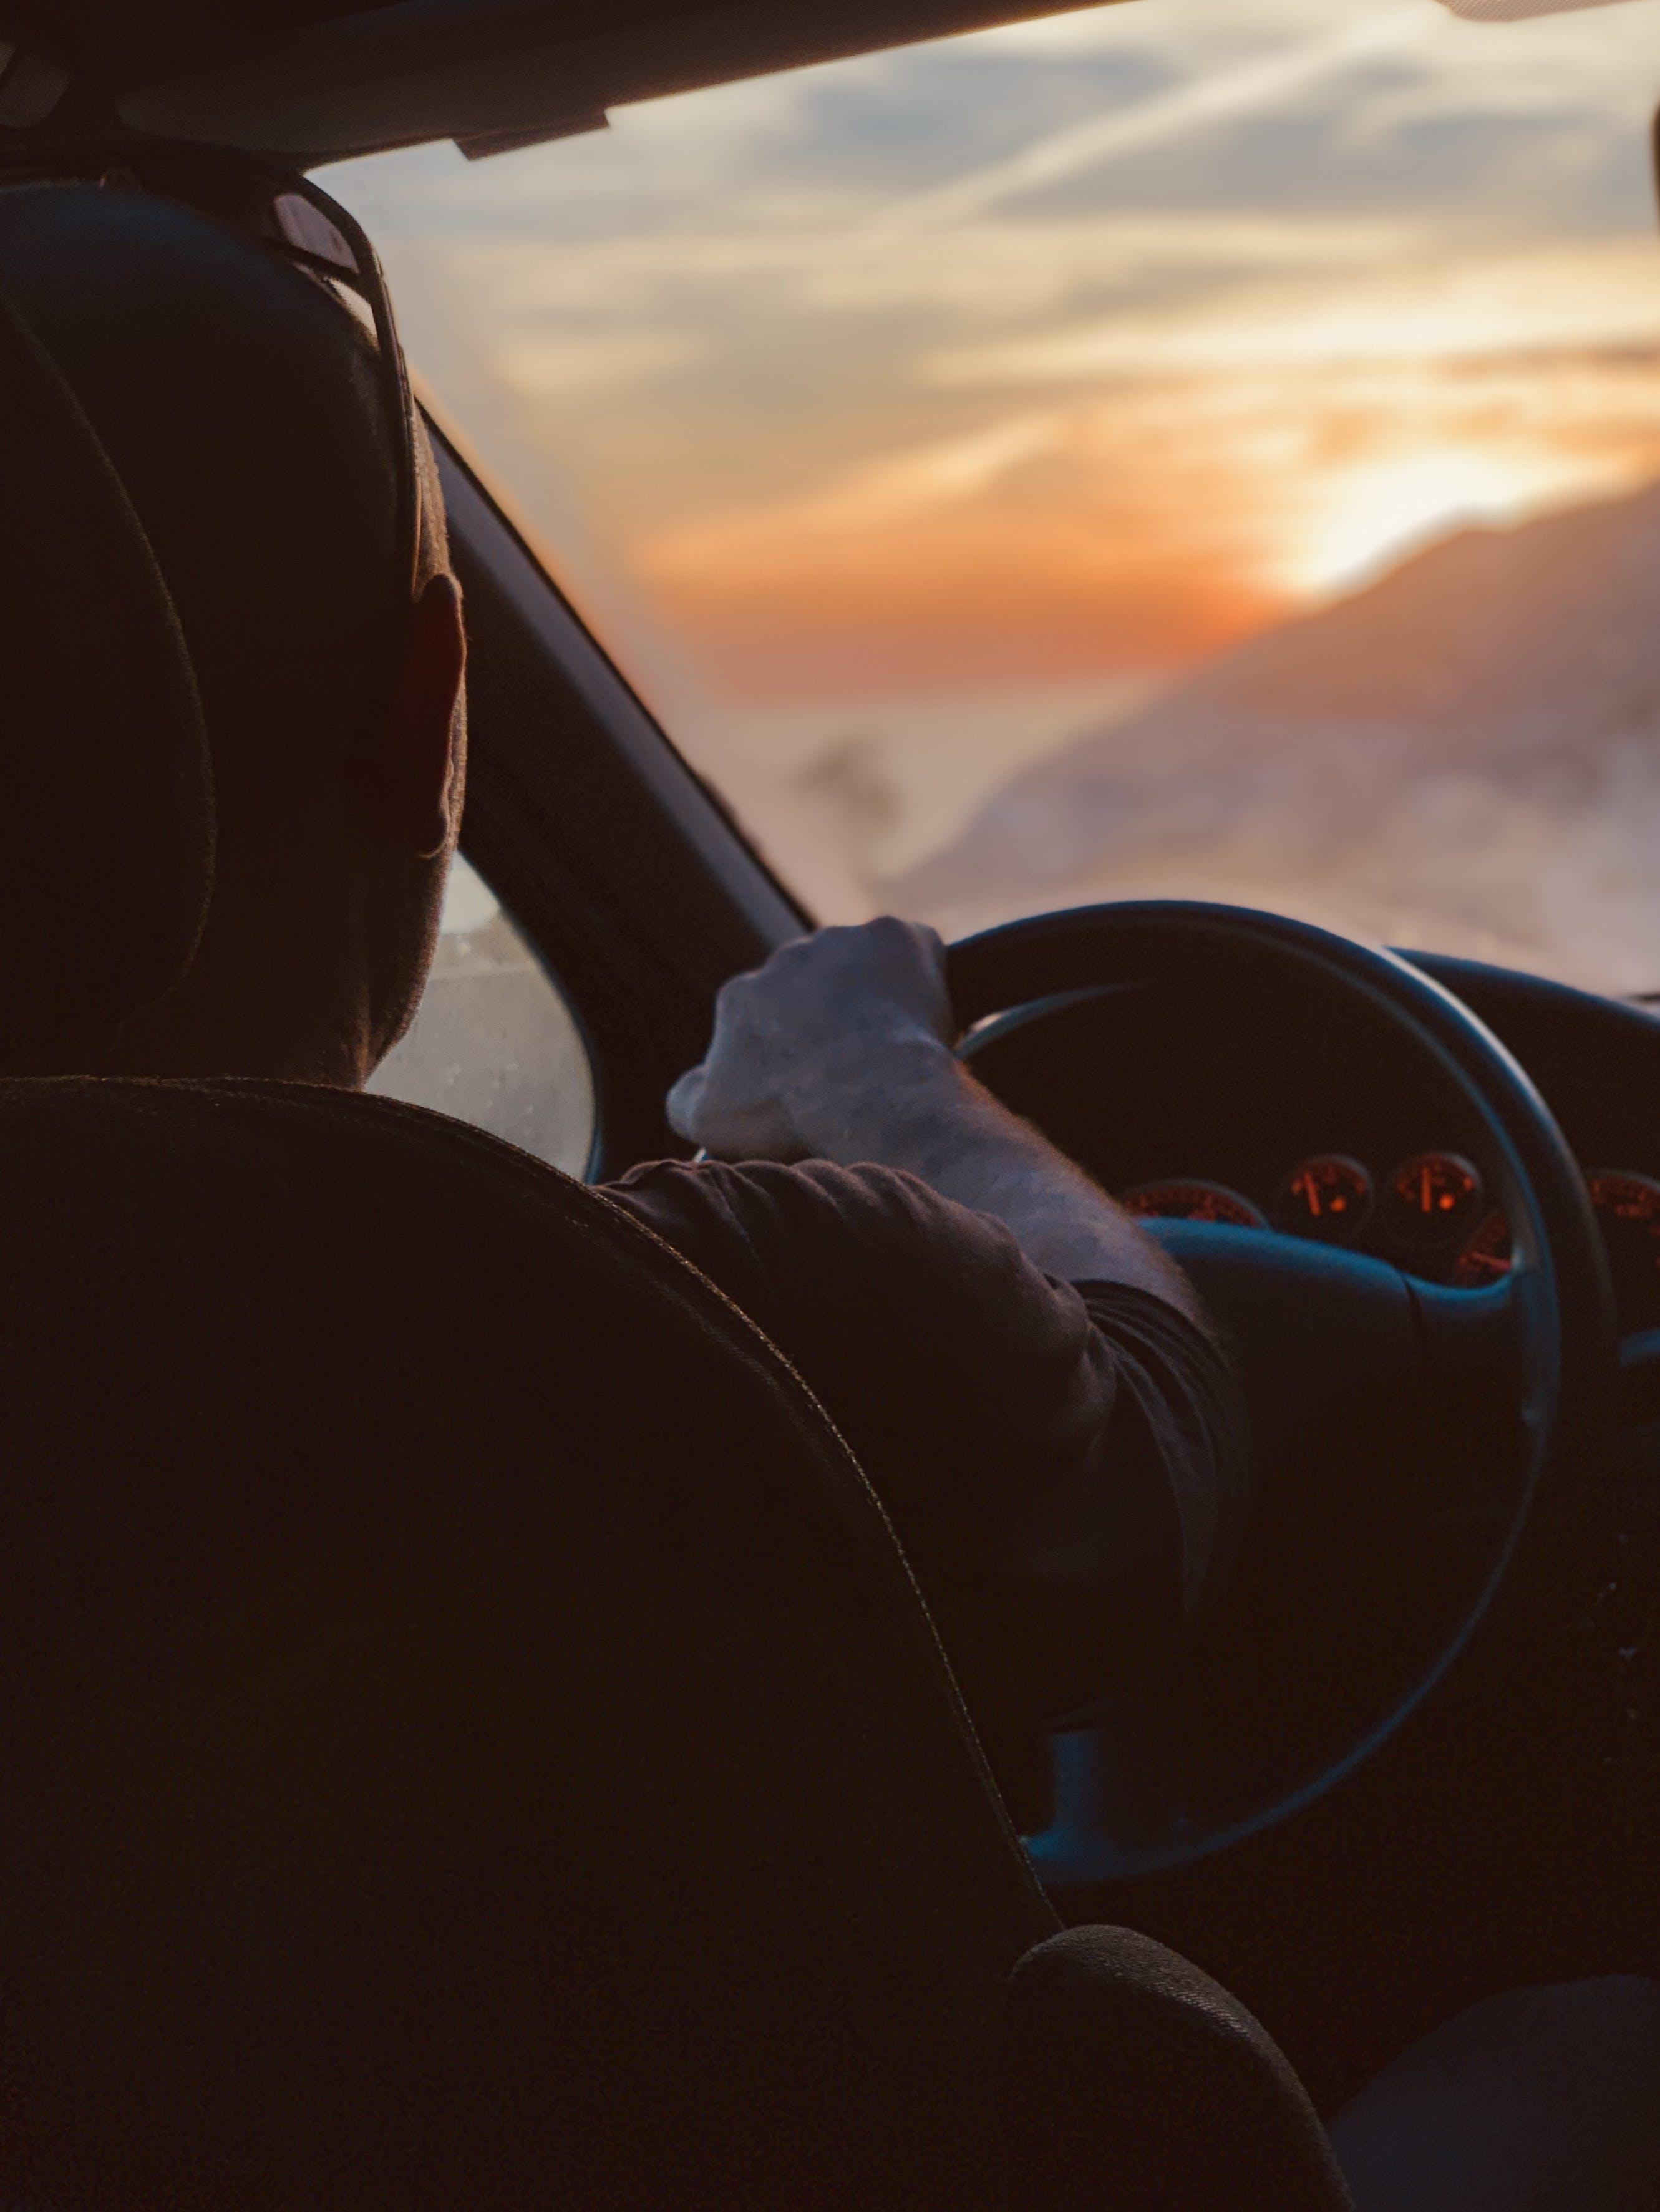 bil, bilinteriør, dashbord